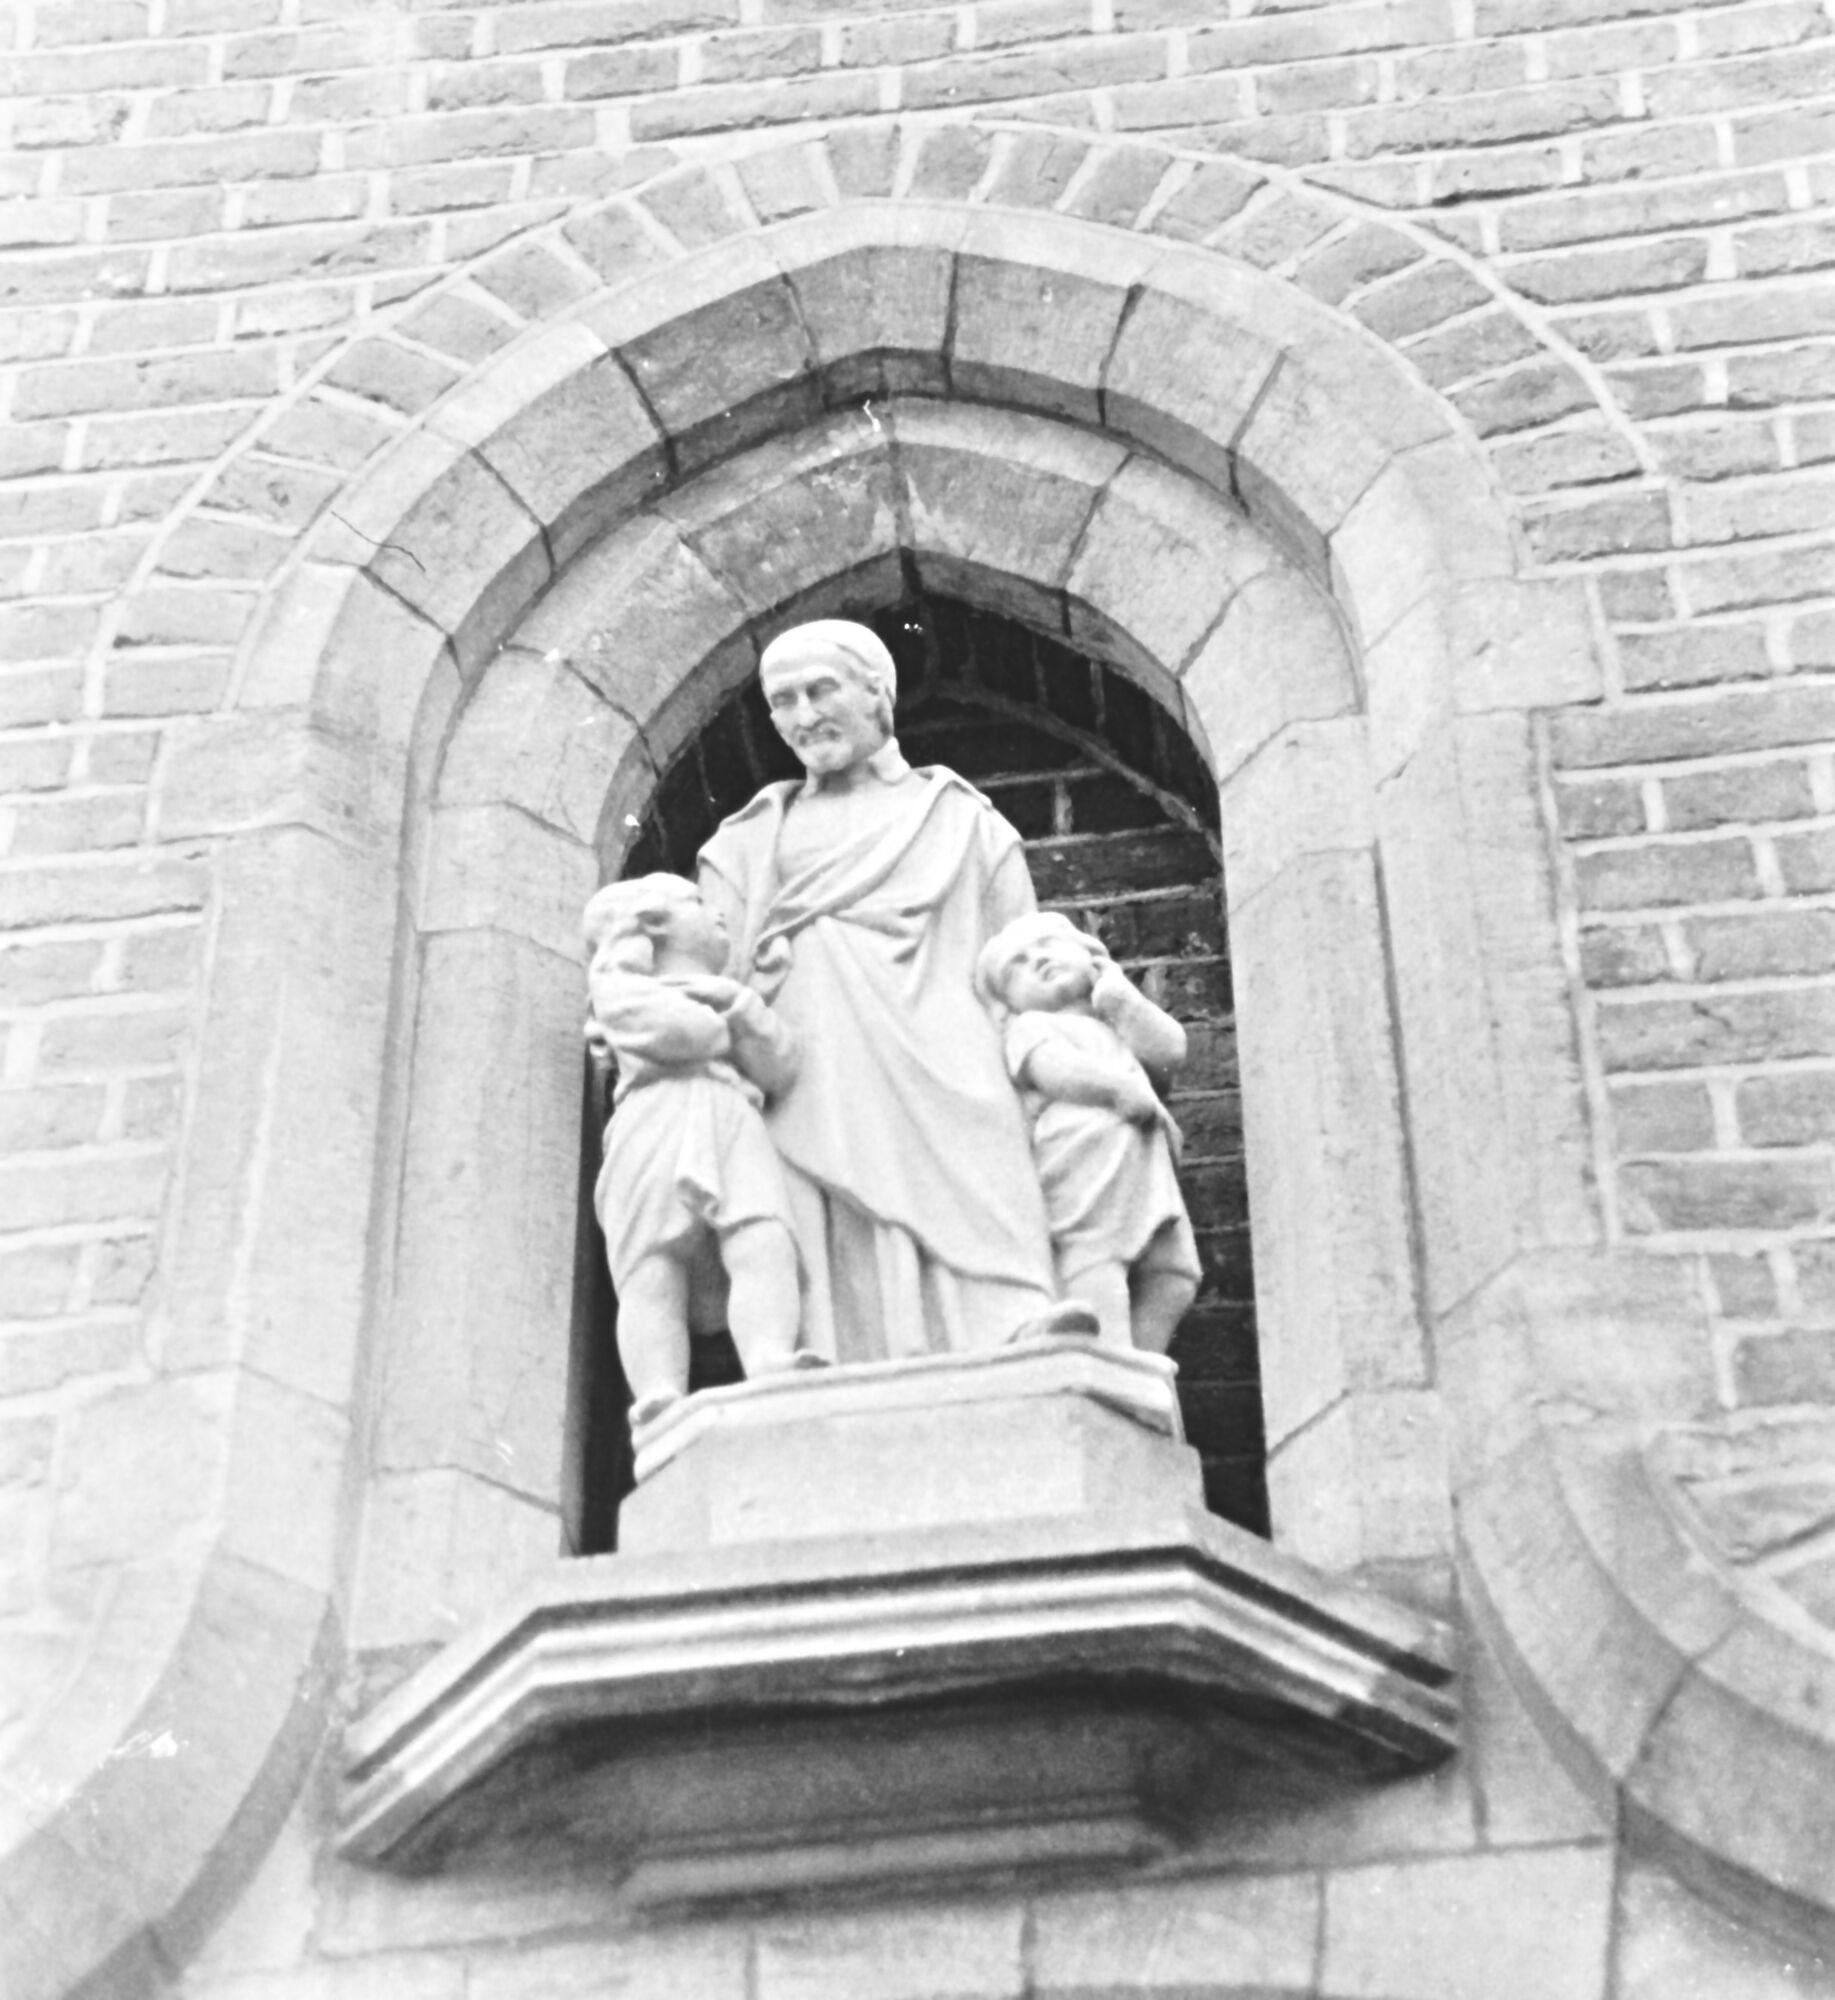 Klooster Deftinge - nis boven inkom klooster